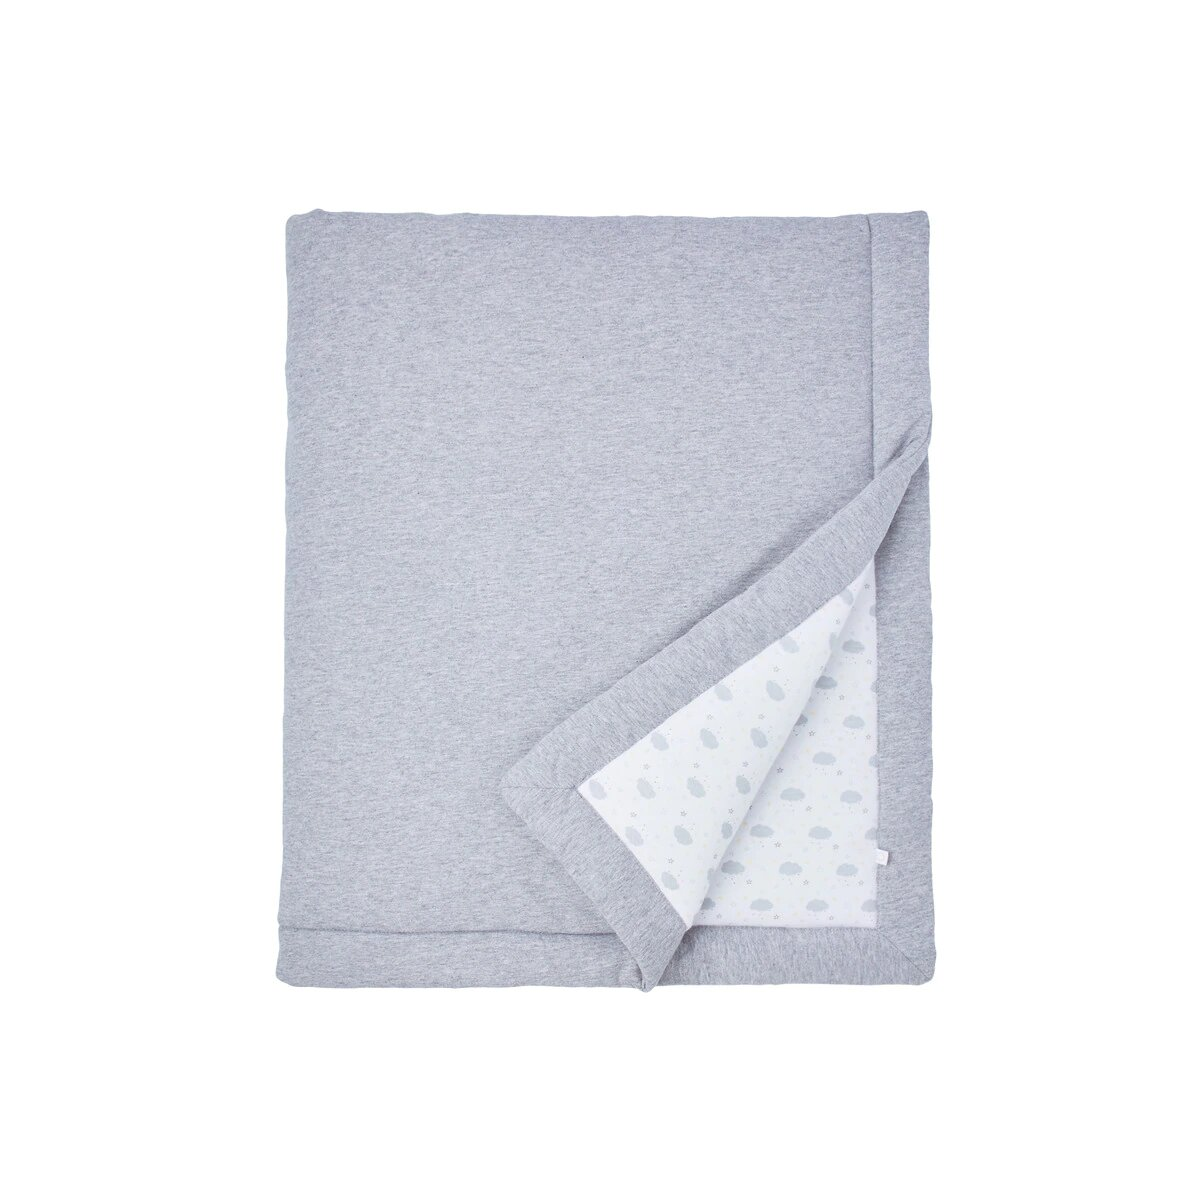 Edredón Relleno para Cuna (60 x 120 cm.) Cotton Juice Baby Home Baby gris